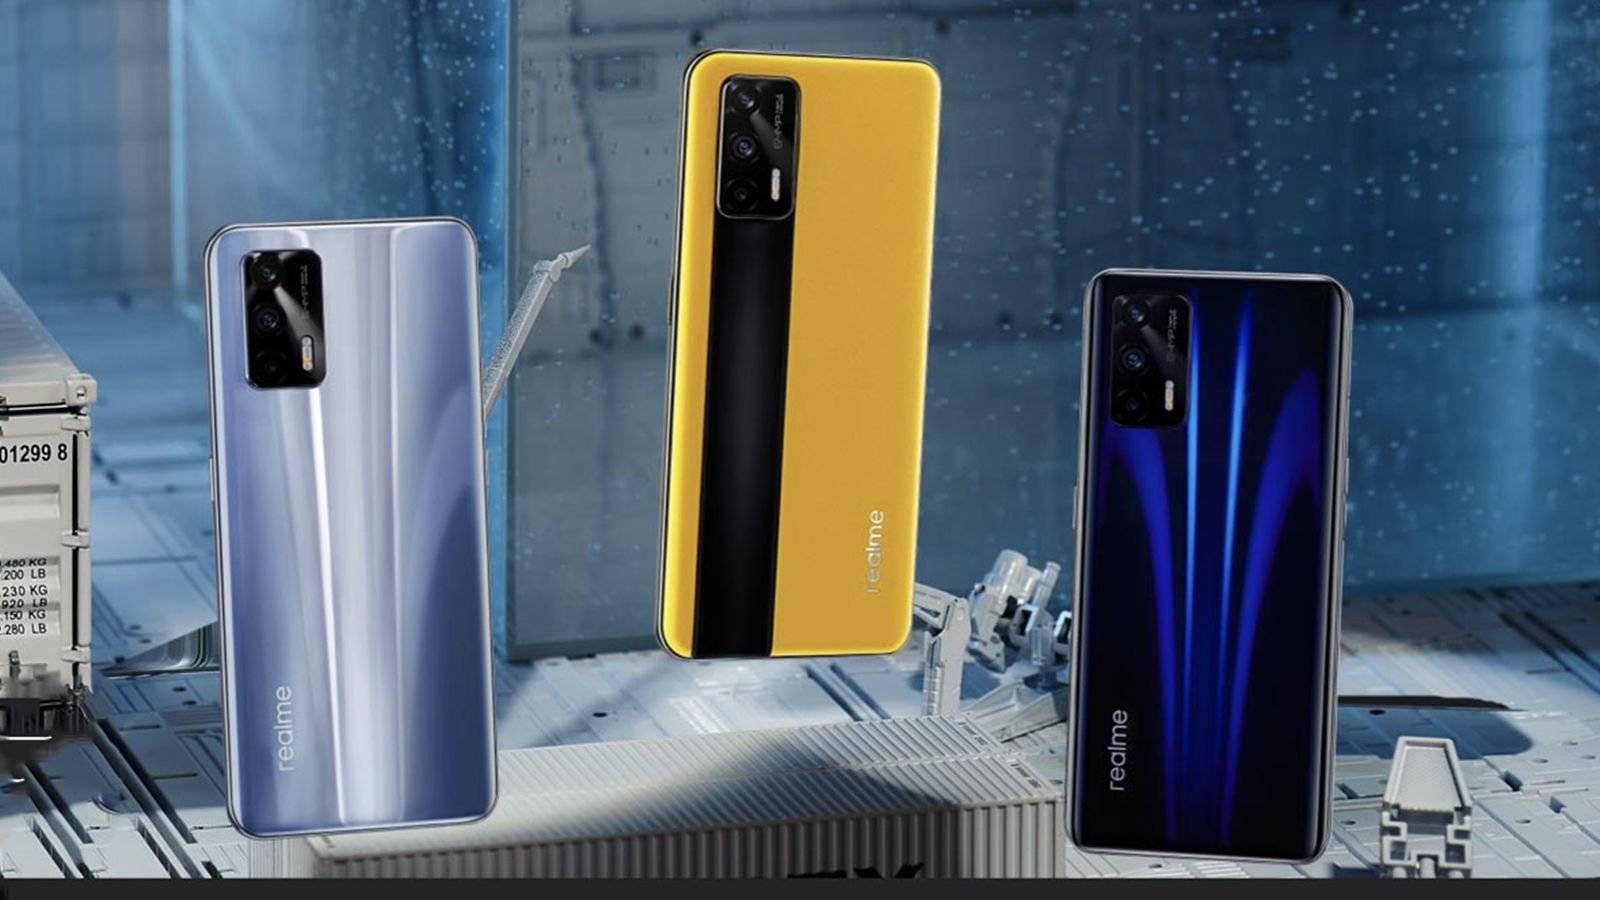 Не Xiaomi Mi 12: Realme уже анонсировала флагманский смартфон с процессором Snapdragon 895